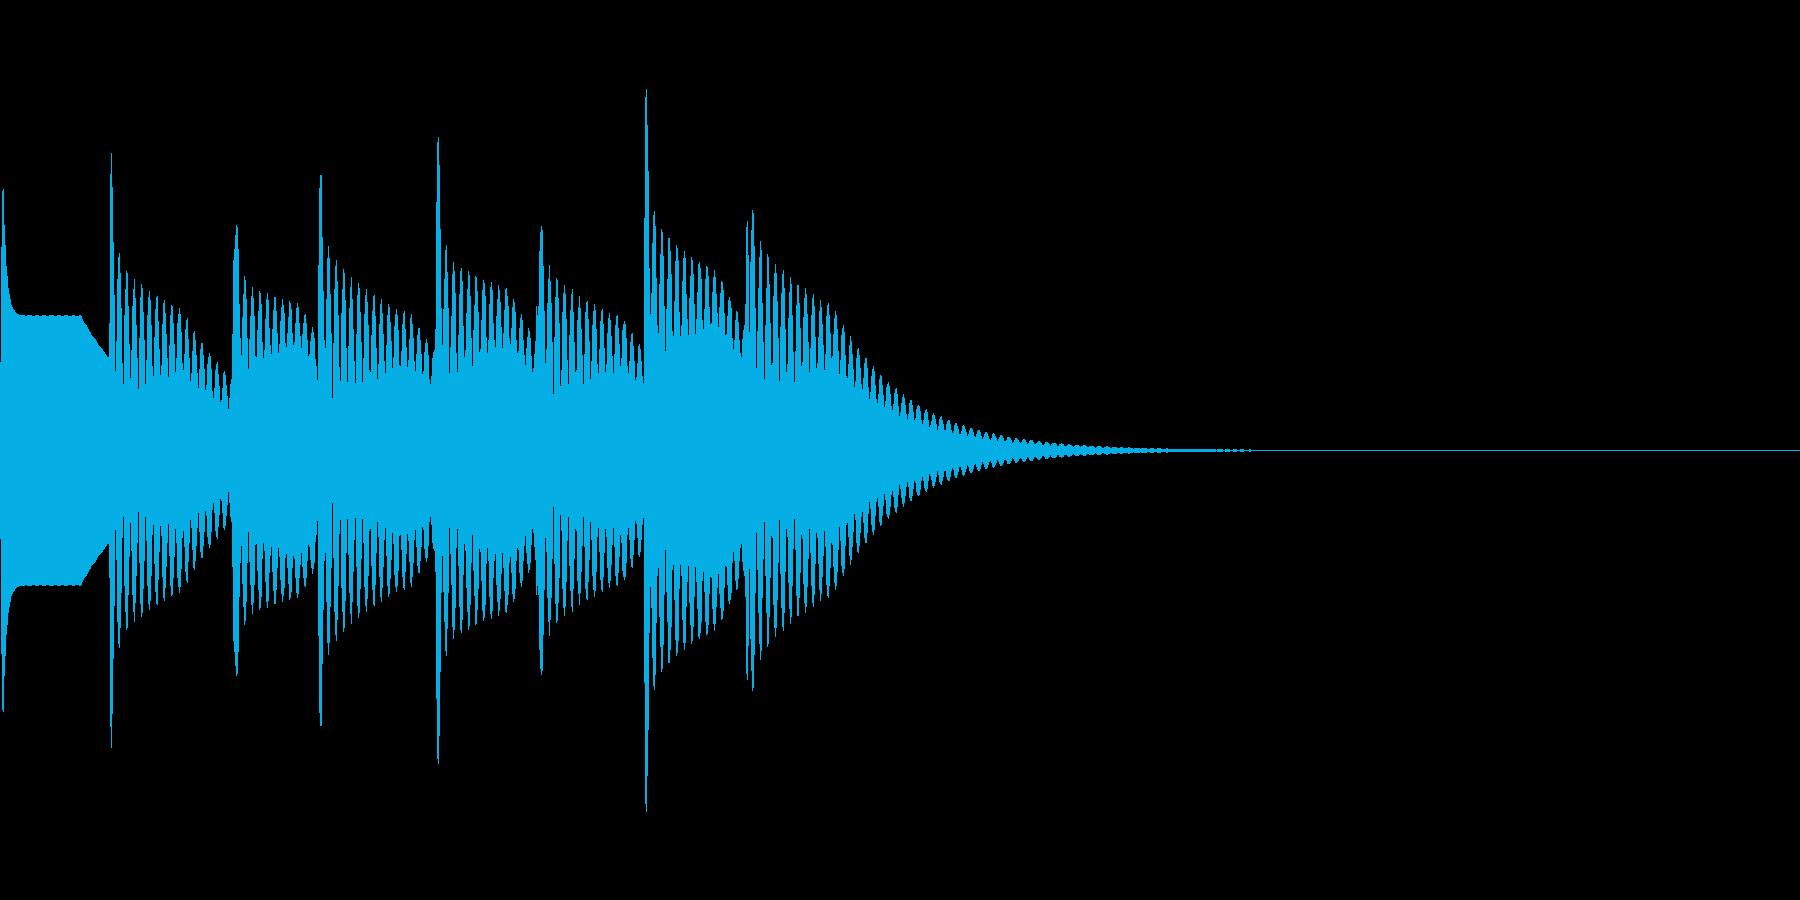 ピンポーン×4(大正解)の再生済みの波形